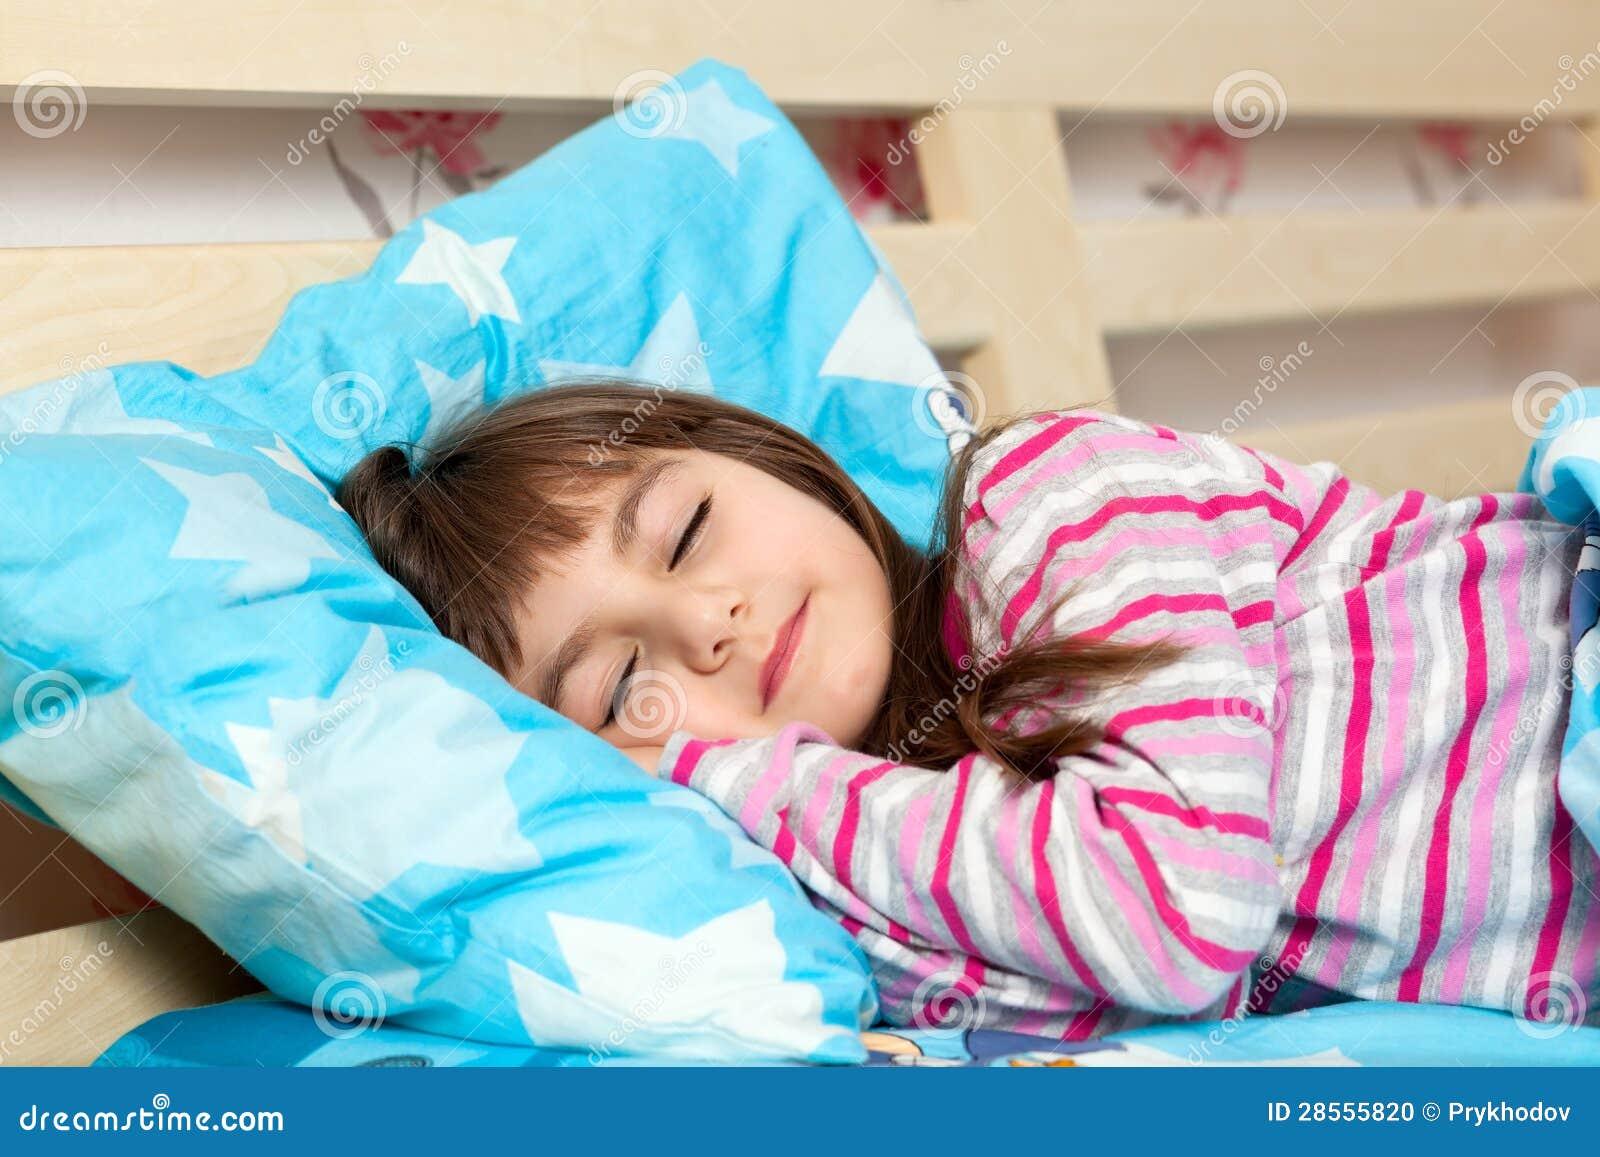 начинку отселение малыша в свою кровать дороге отеля южного